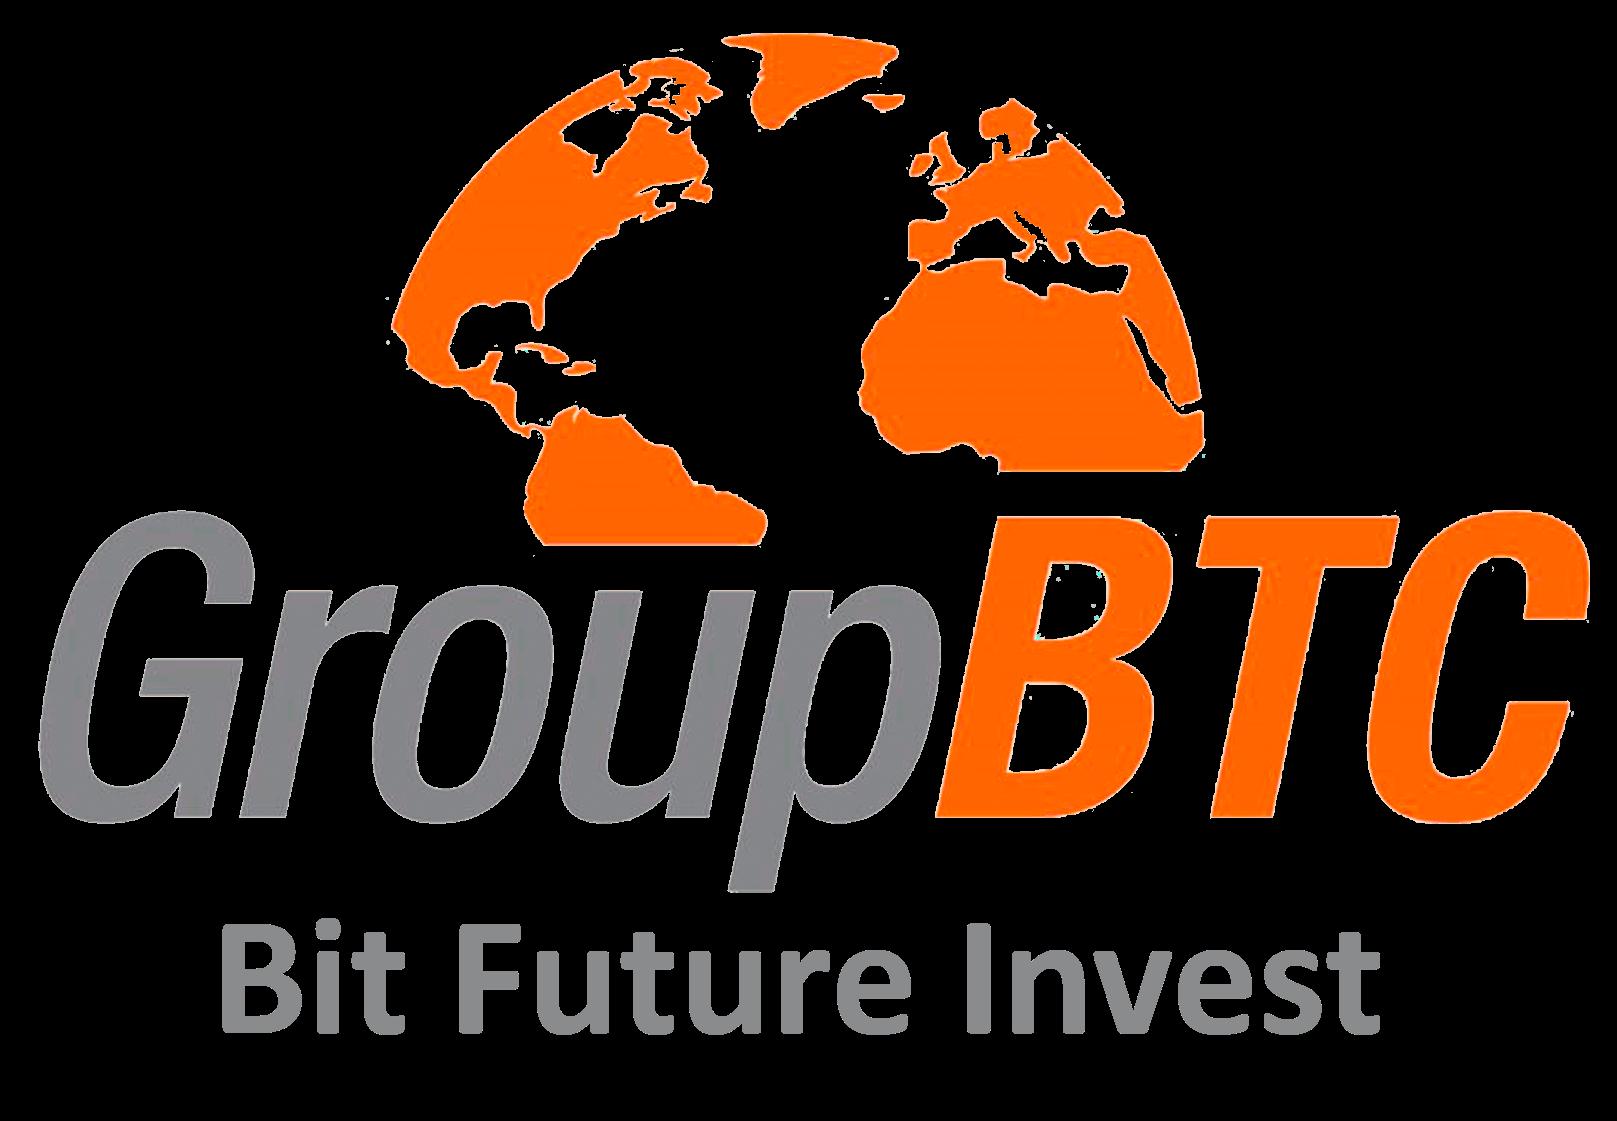 Bit Future Invest